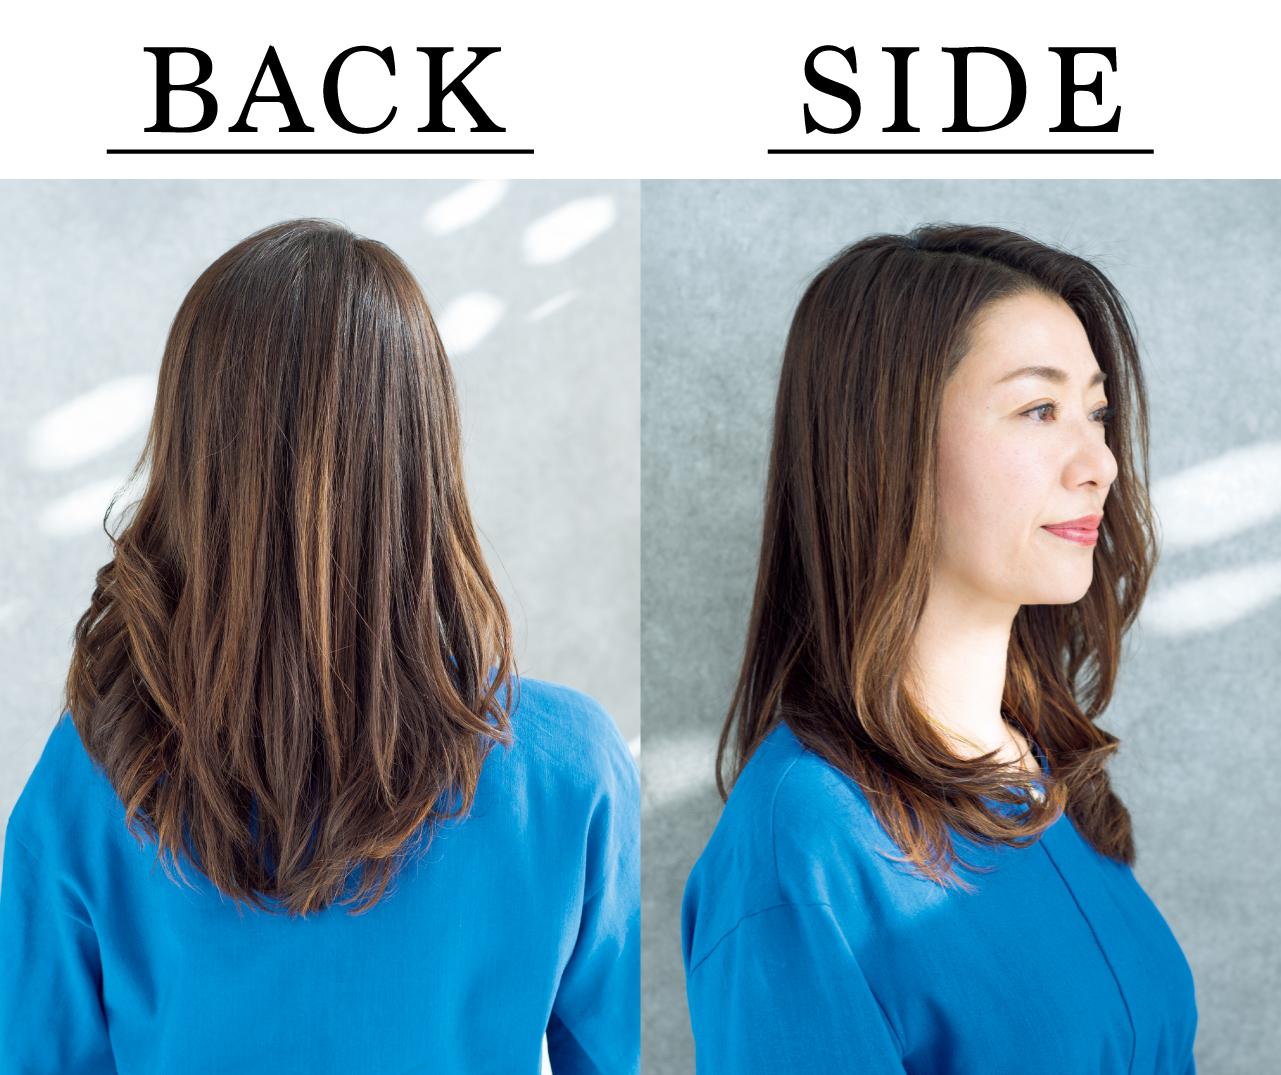 田口陽子さん Side Back